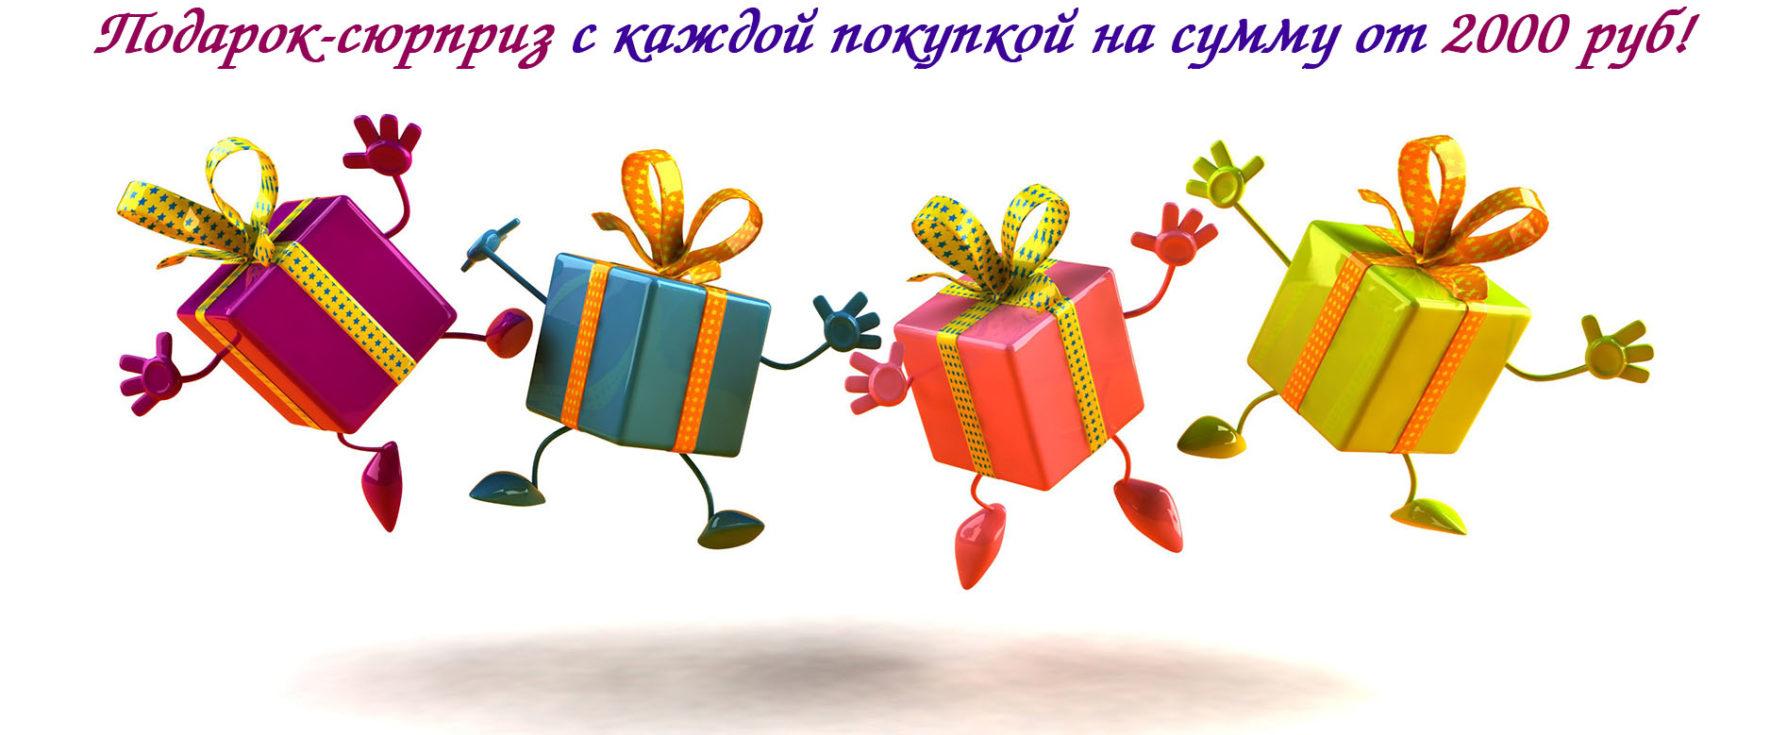 Подарок-сюрприз